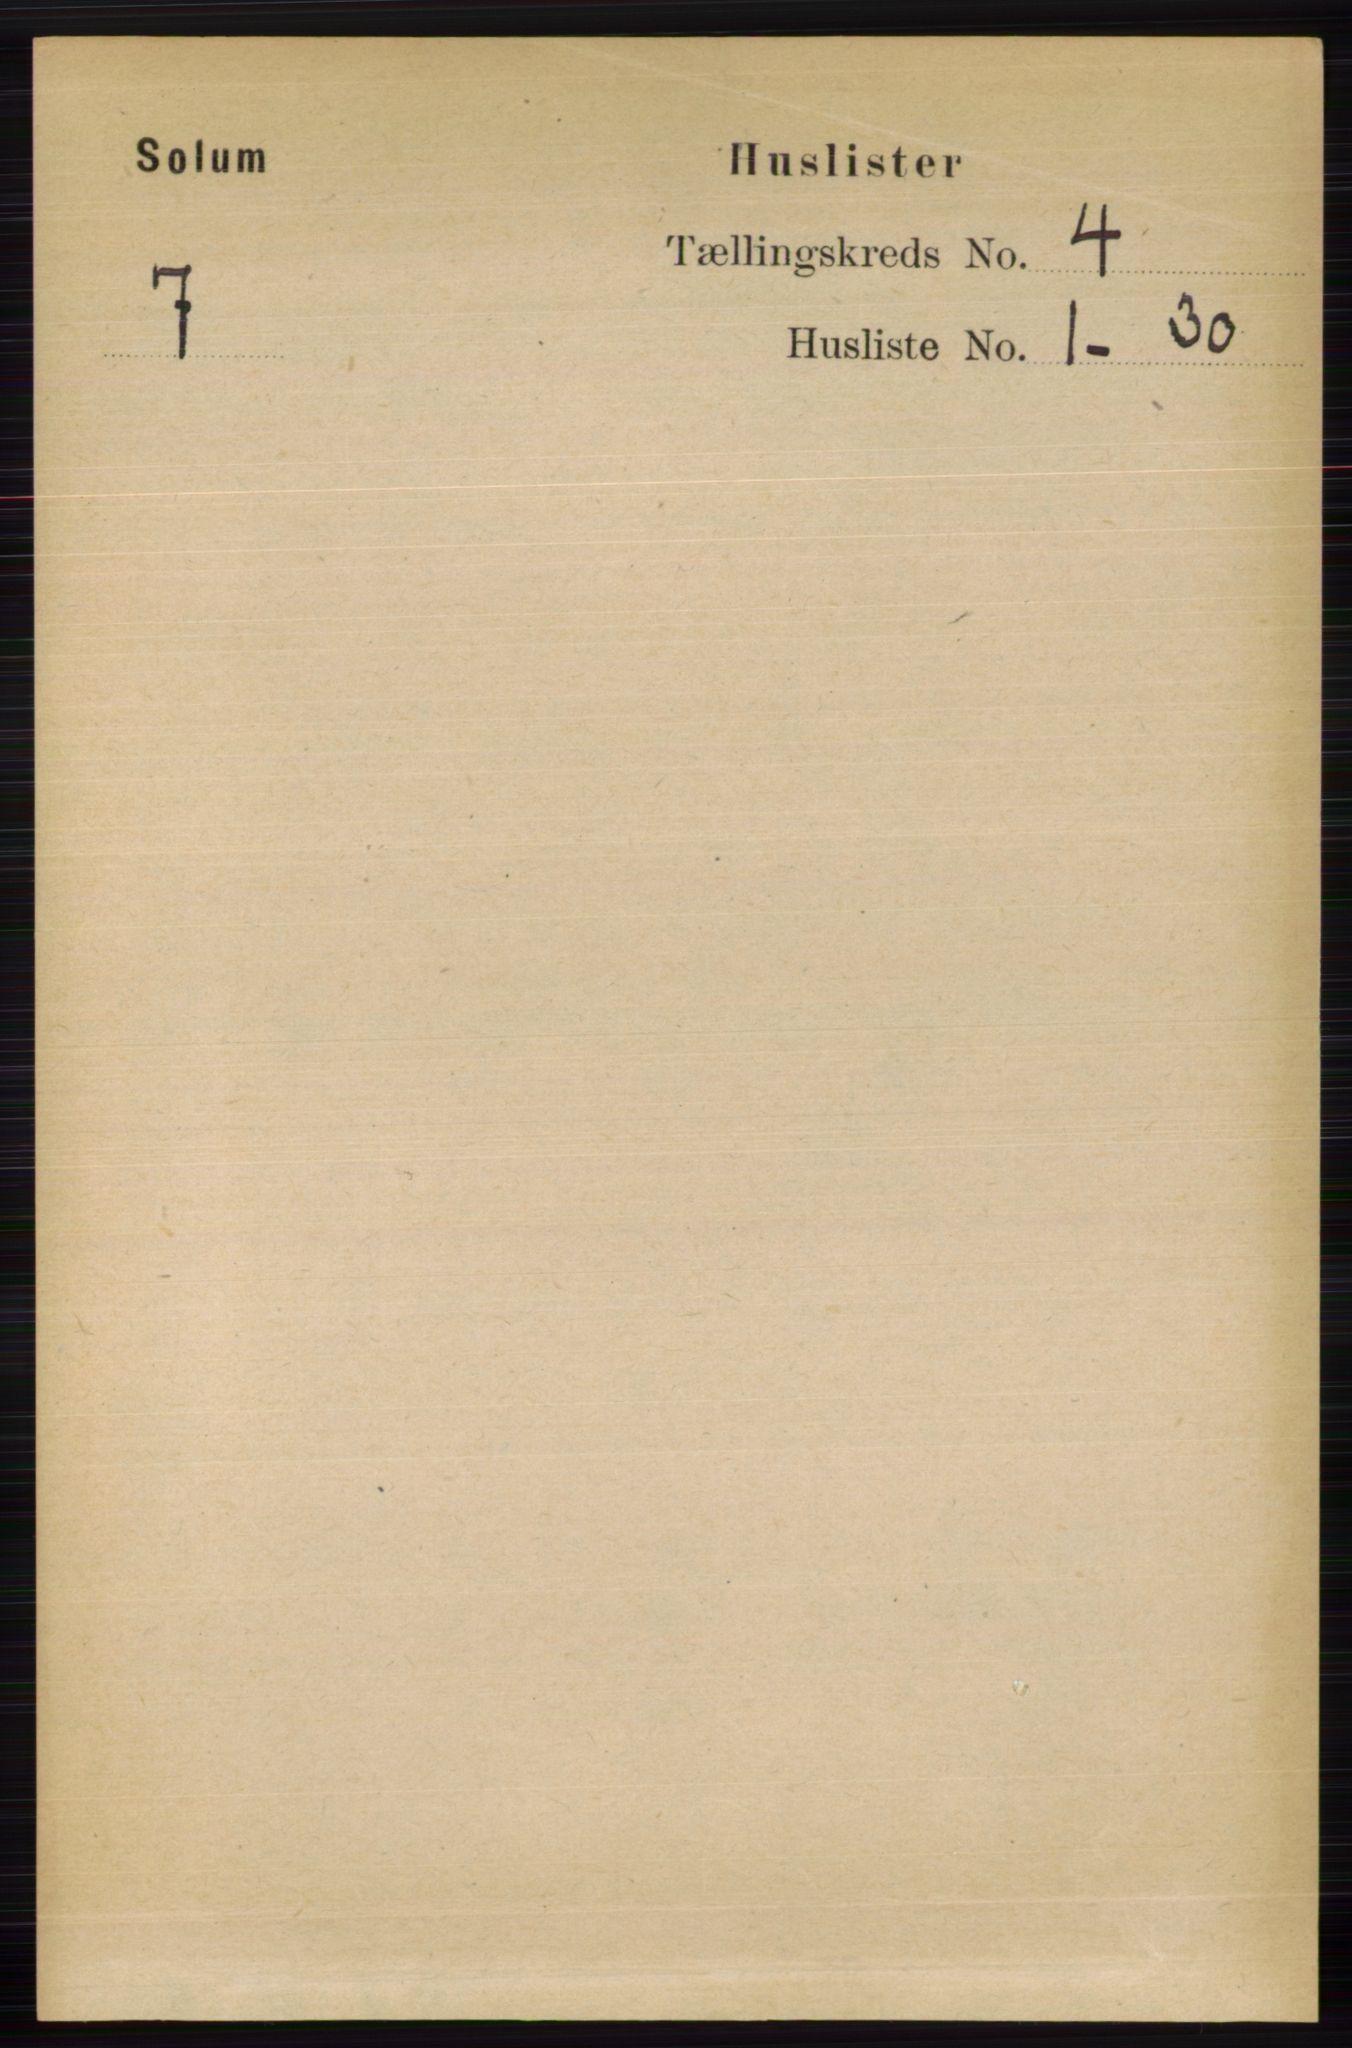 RA, Folketelling 1891 for 0818 Solum herred, 1891, s. 587